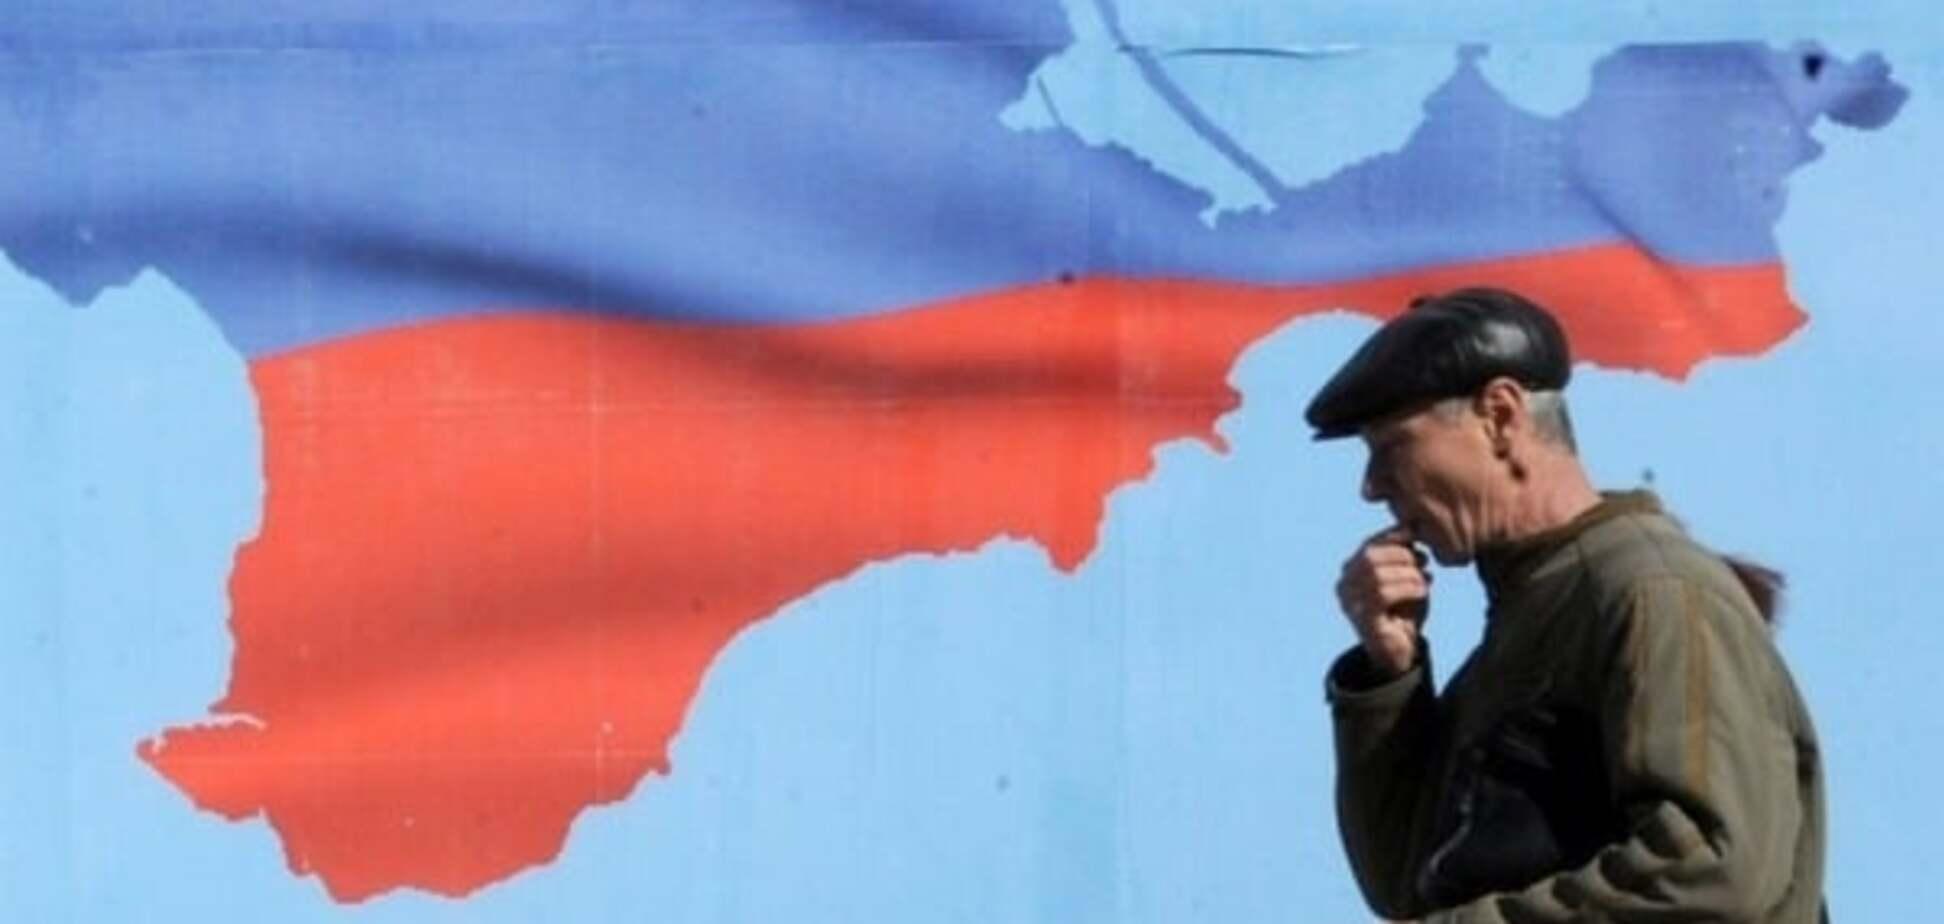 Россия применяет в оккупированном Крыму репрессии - Human Rights Watch